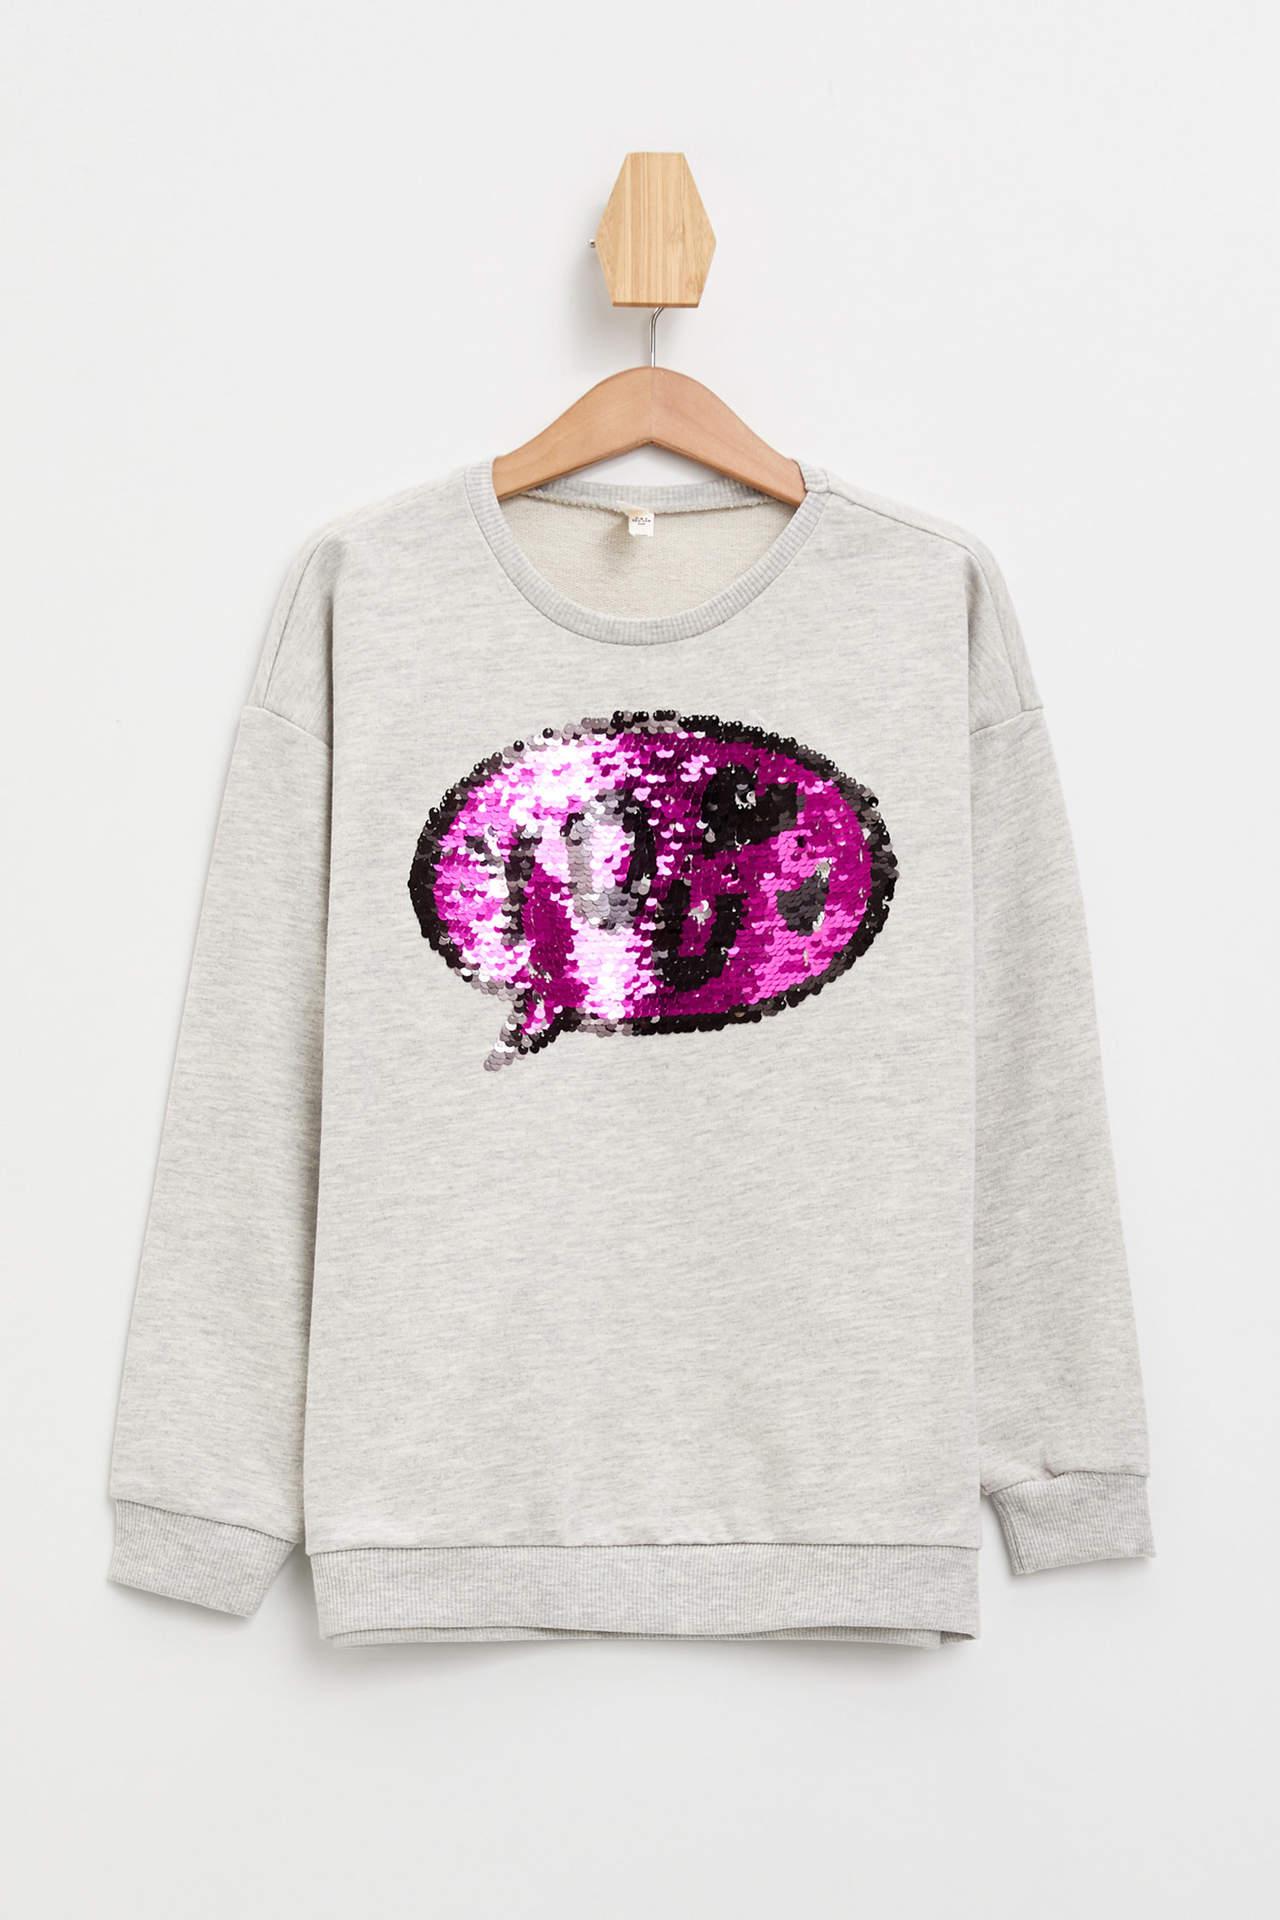 DeFacto Kız Çocuk Baskılı Sweatshirt Gri female